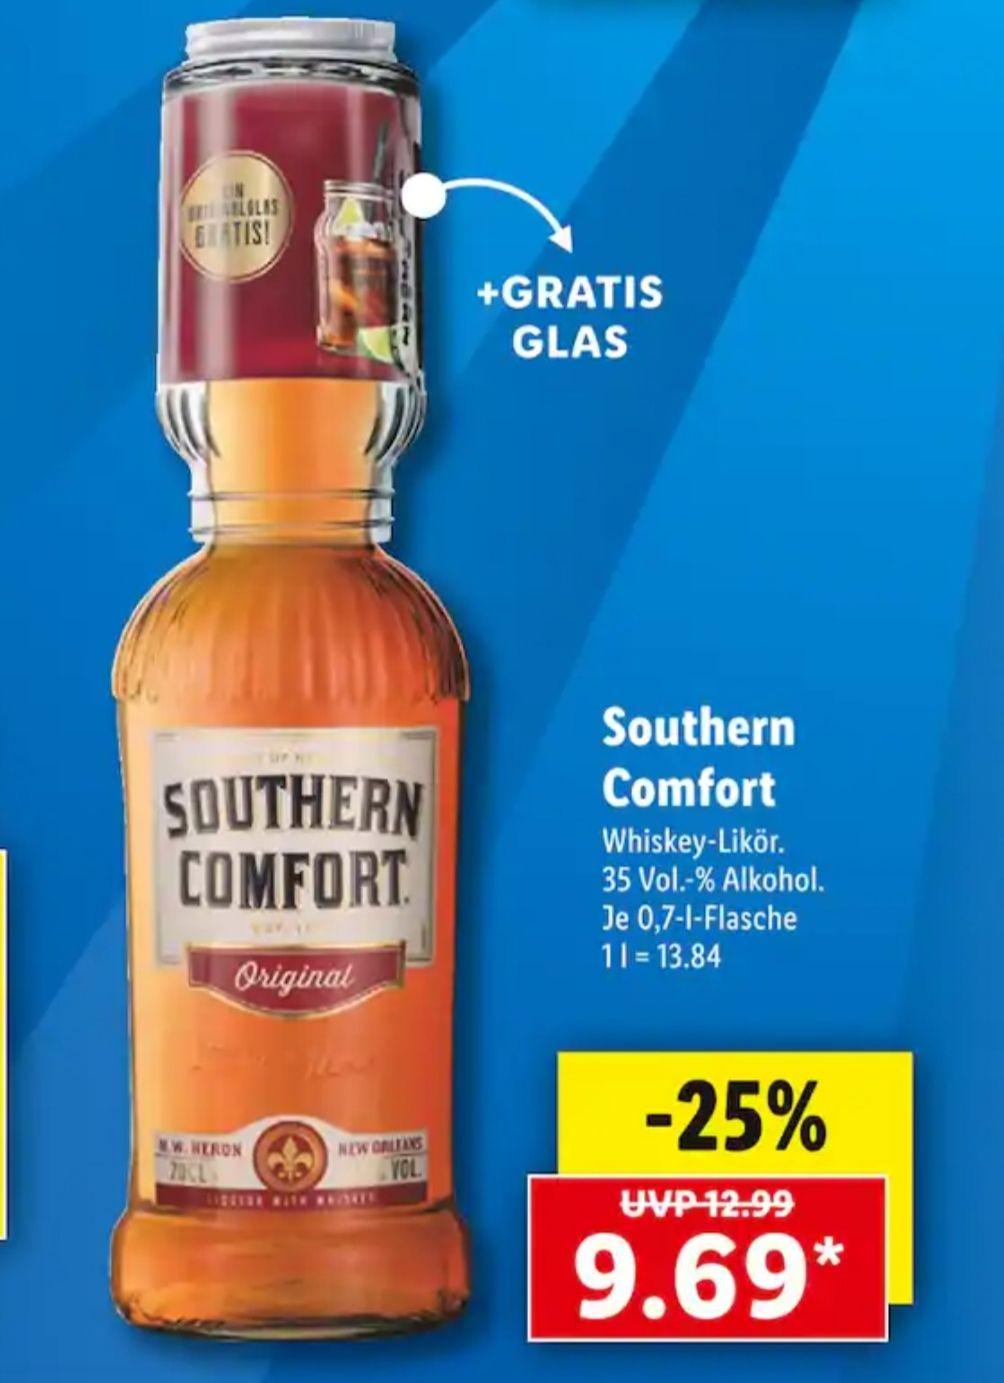 [Lidl] Southern Comfort 0,7l mit gratis Glas